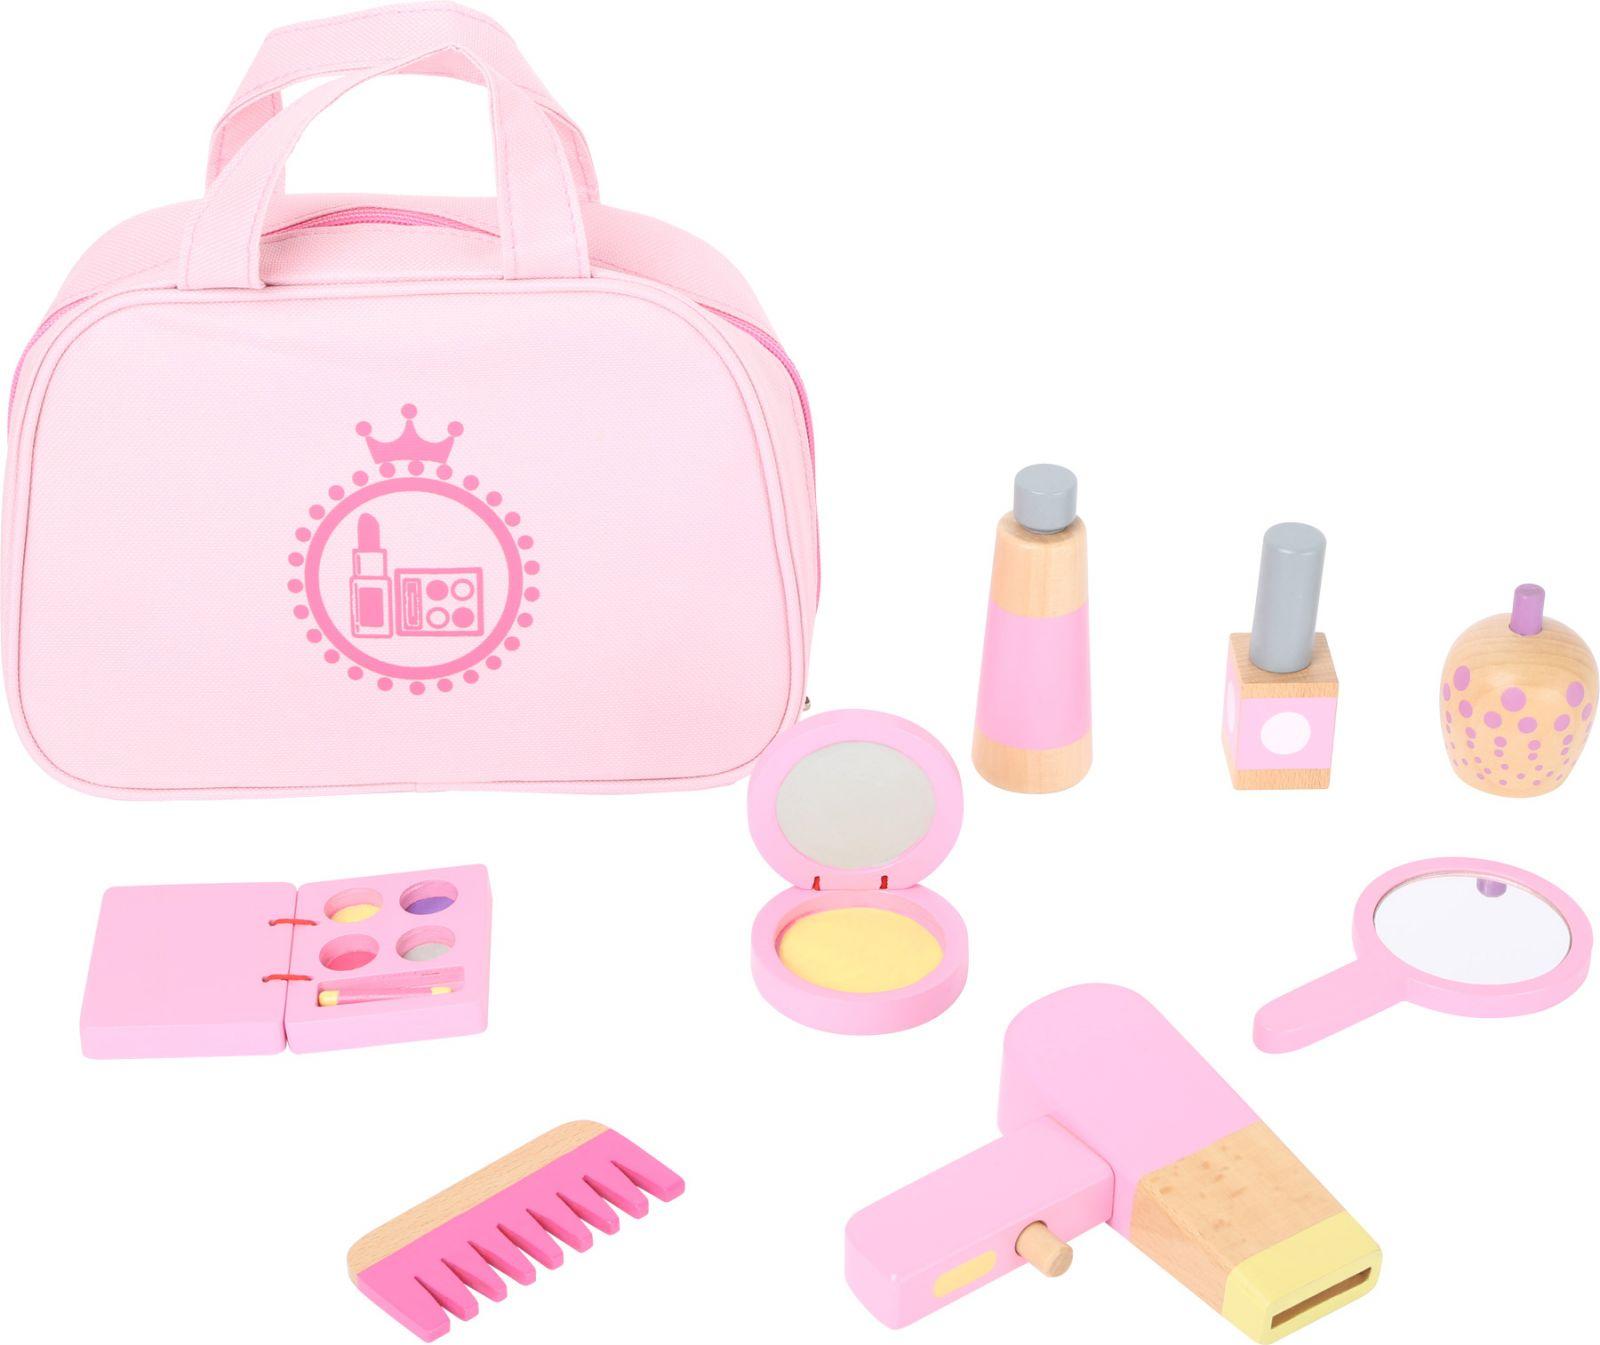 Dřevěné hračky Dětská kosmetická taštička růžová s dřevěnými doplňky Small foot by Legler